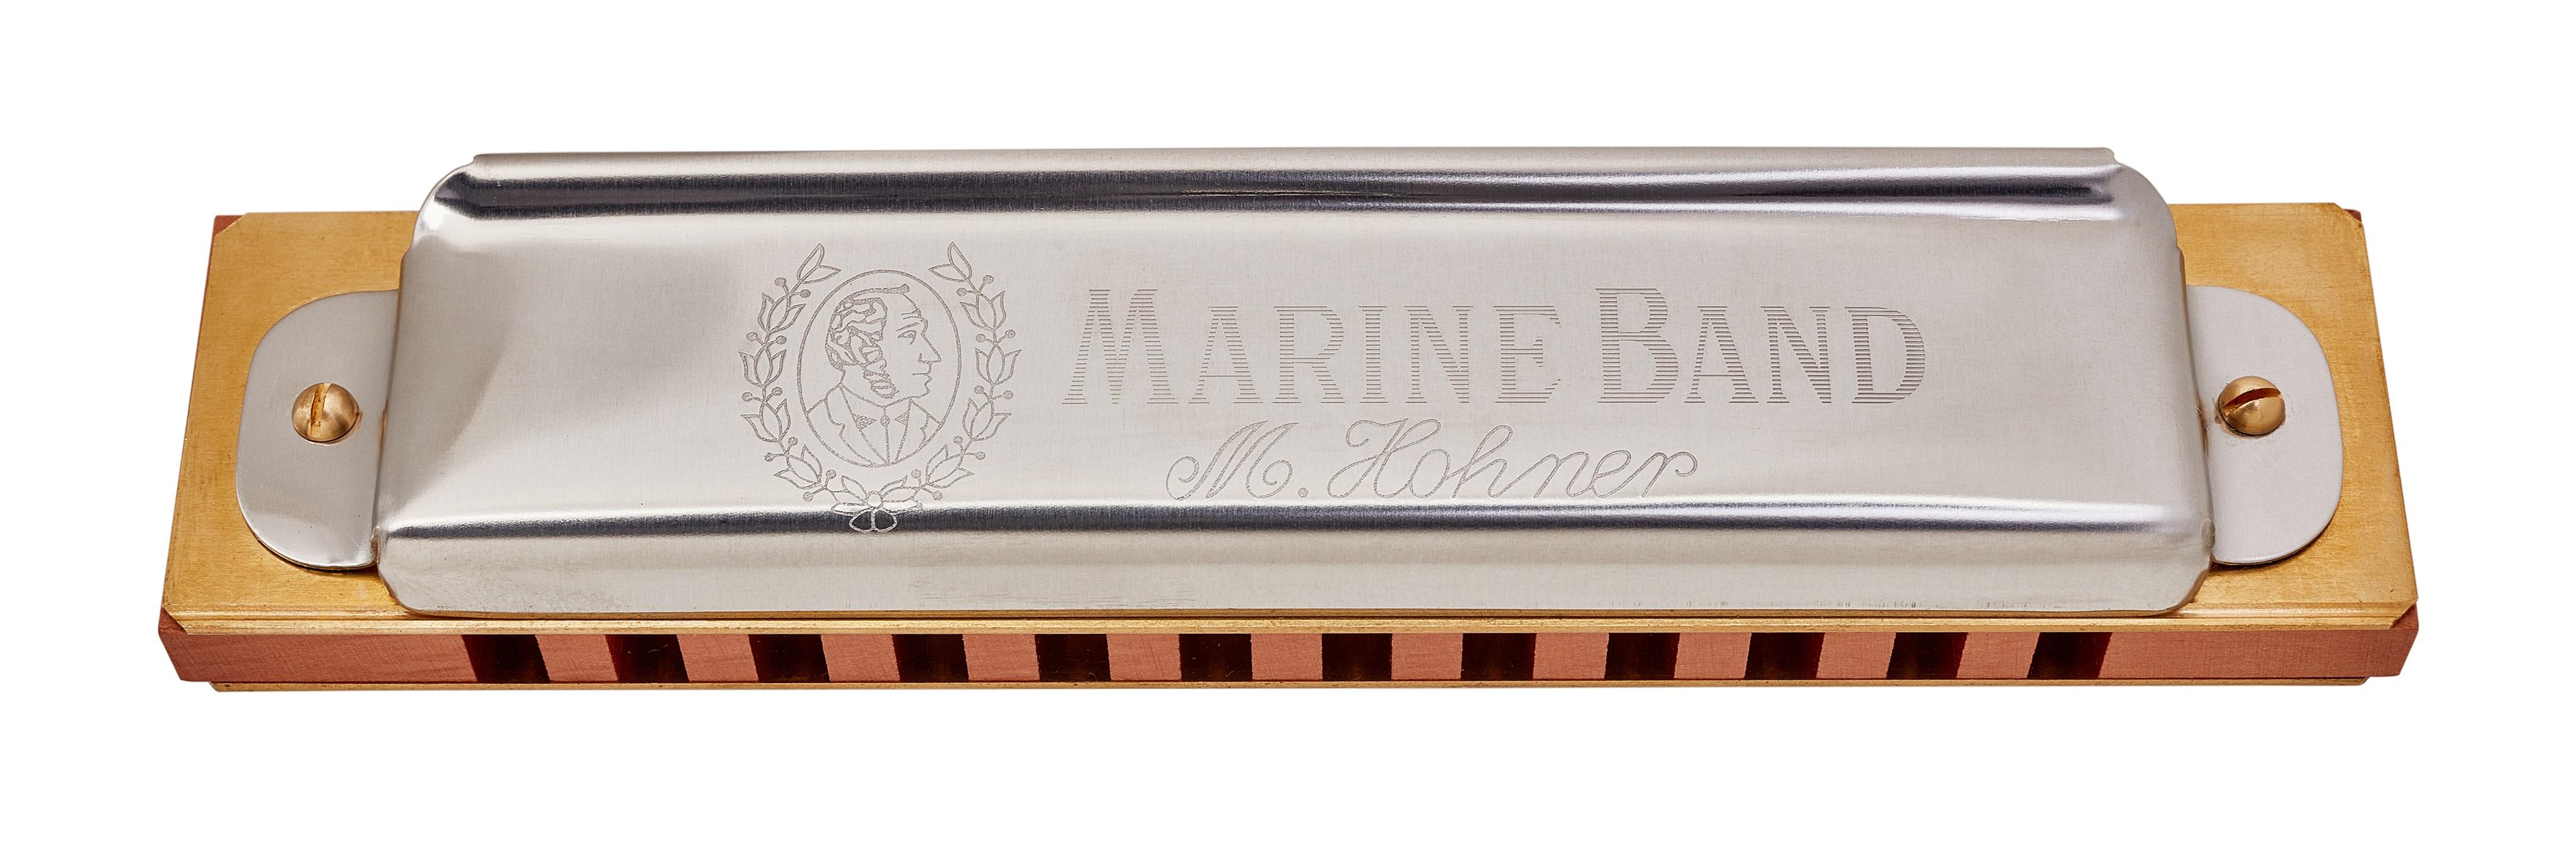 Hohner Marine Band 364/24 D